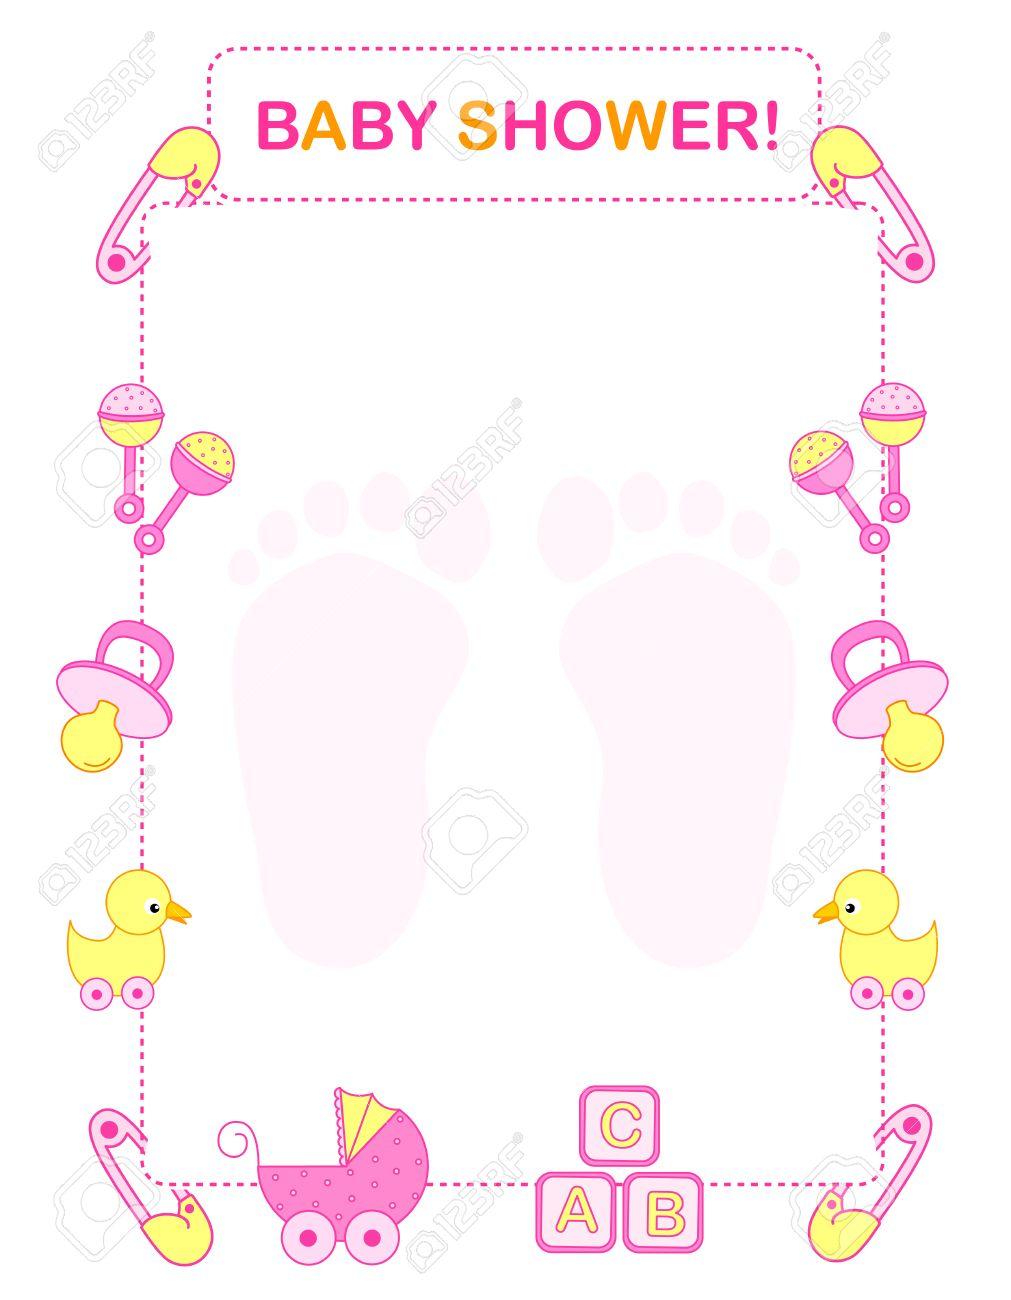 Pink Baby Shower Border : shower, border, Illustration, Shower, Invitation, Border, Frame.., Royalty, Cliparts,, Vectors,, Stock, Illustration., Image, 38545891.